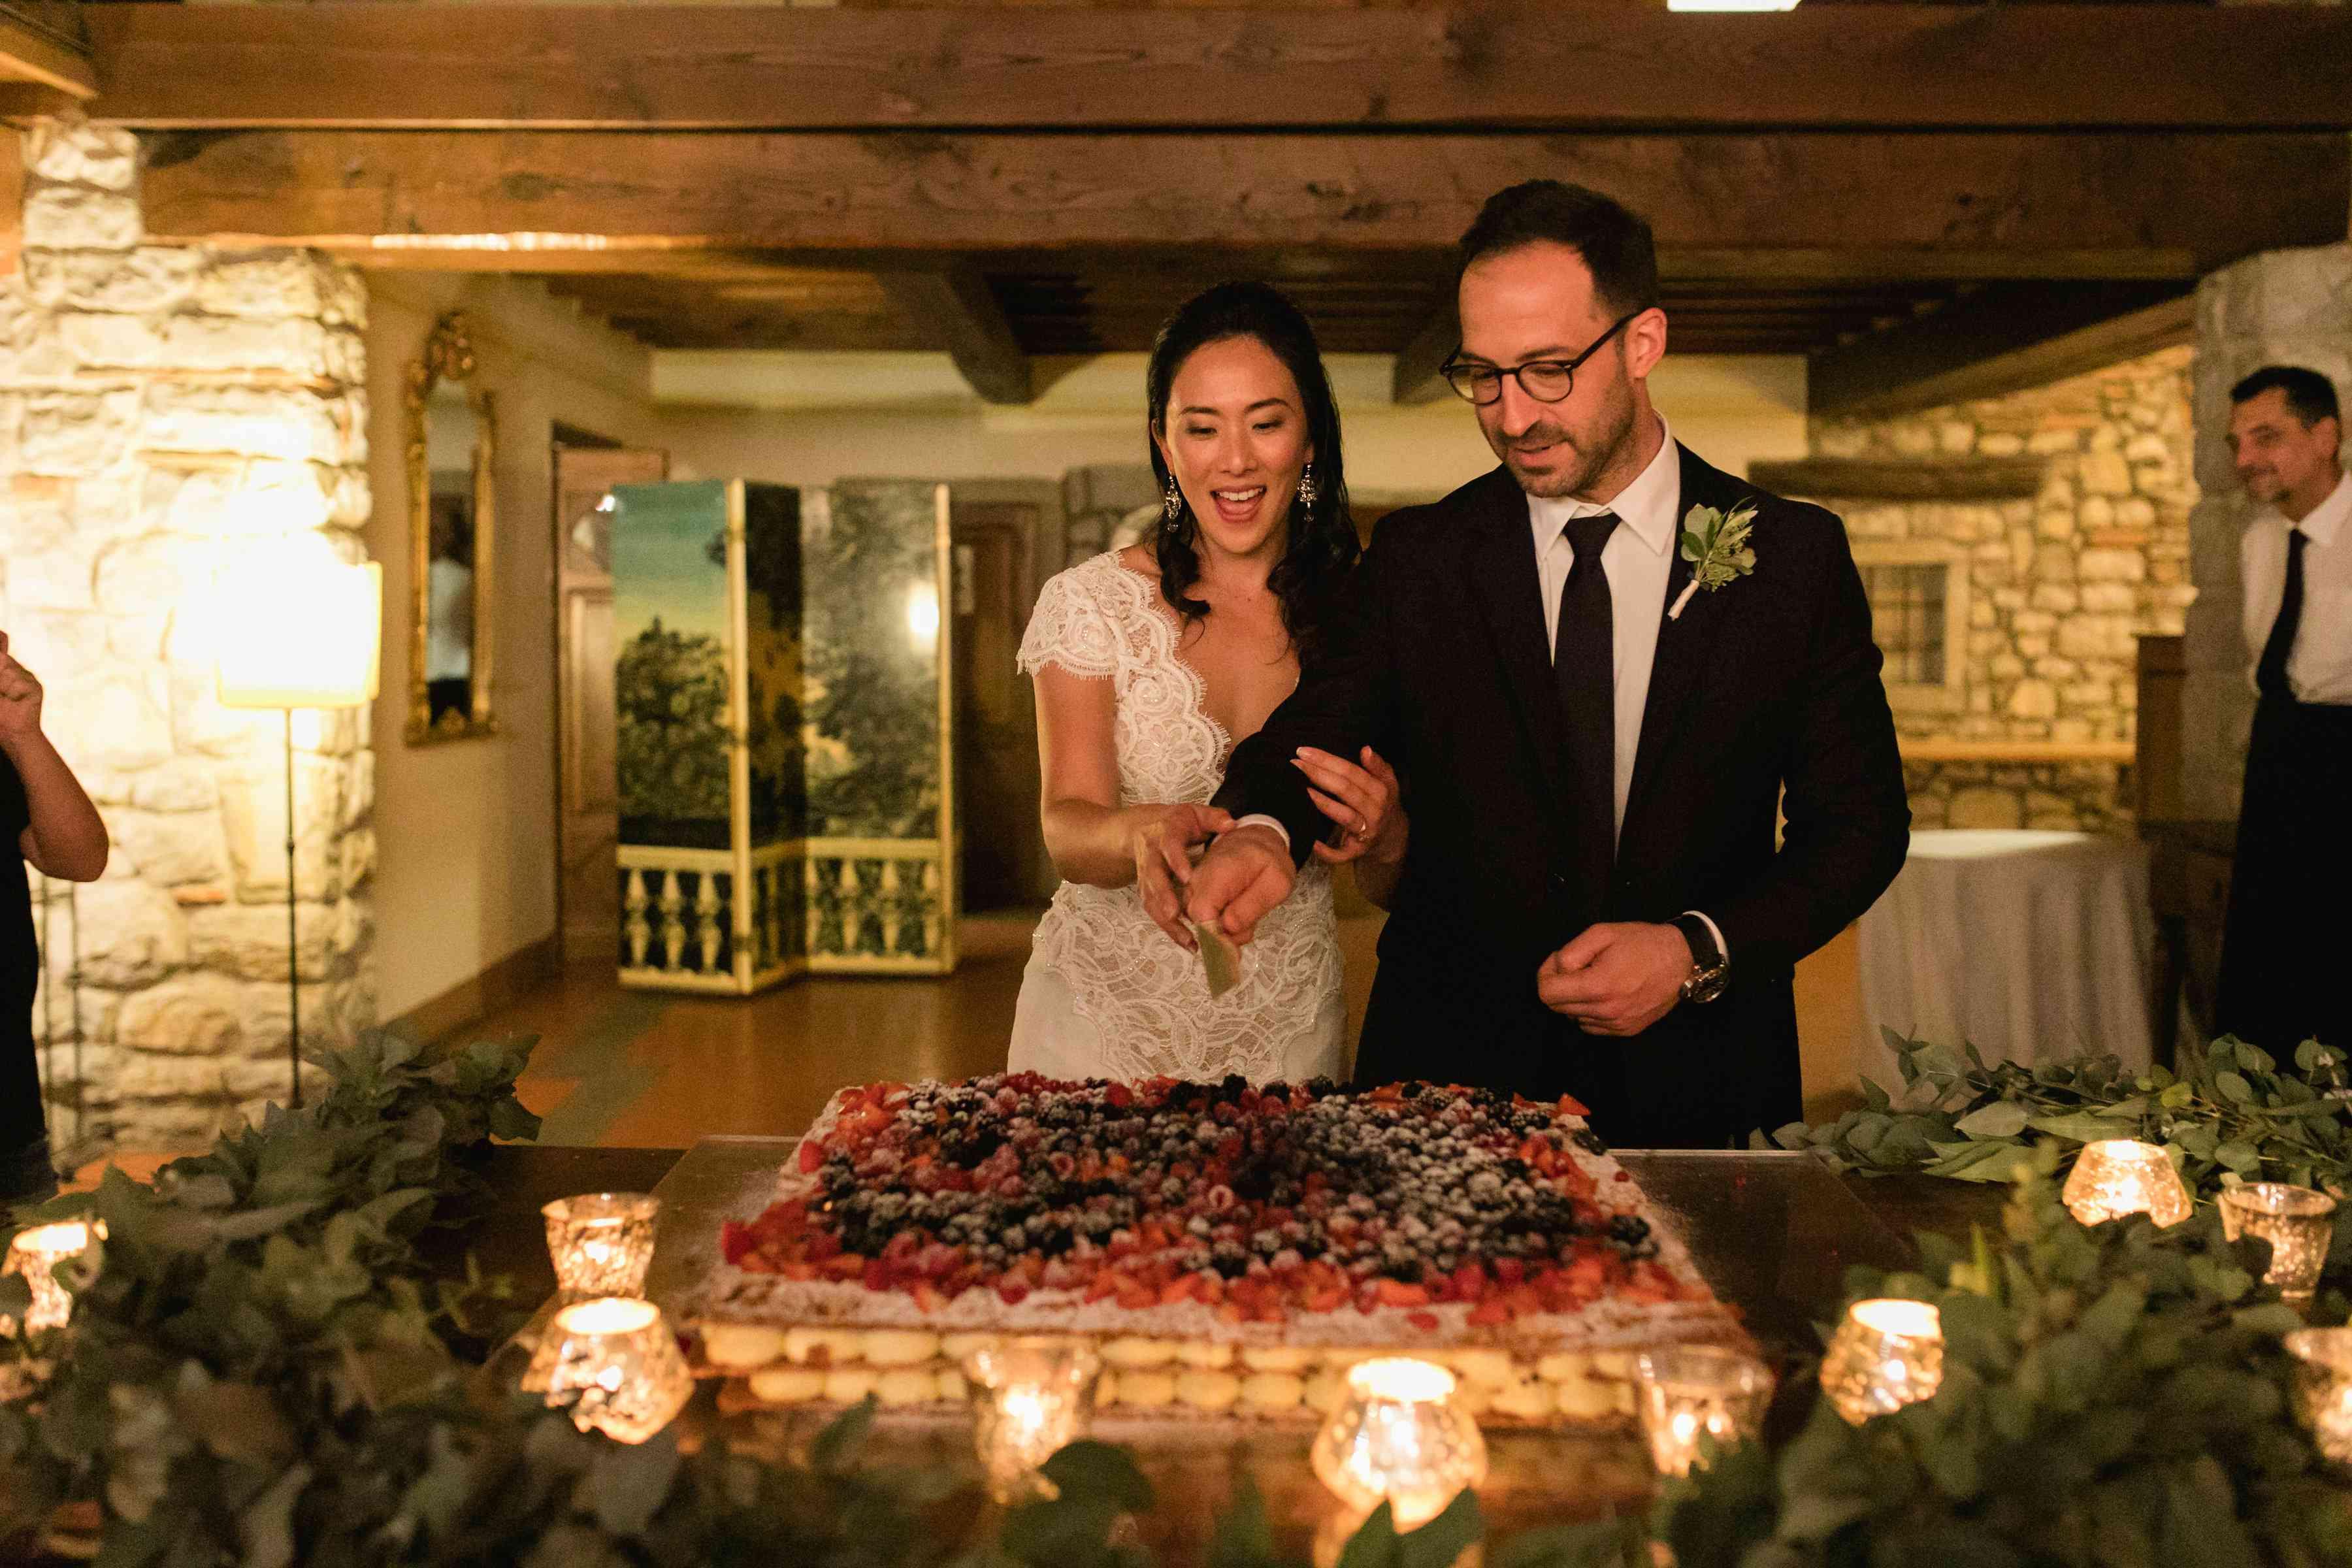 Italian wedding cake millefeuille